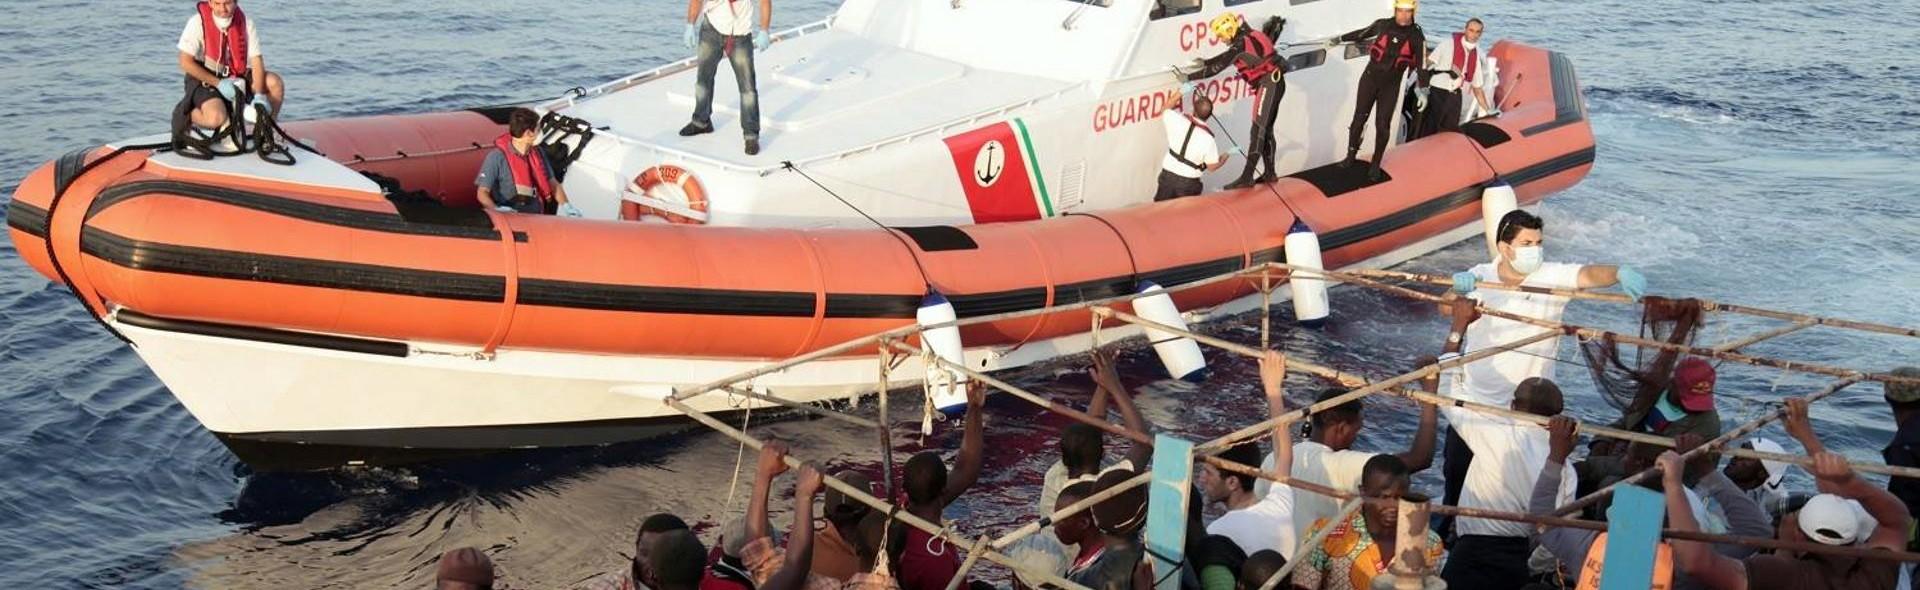 Hrvatska policija demantira tvrdnje sirijskih emigranata da su isplovili iz Splita